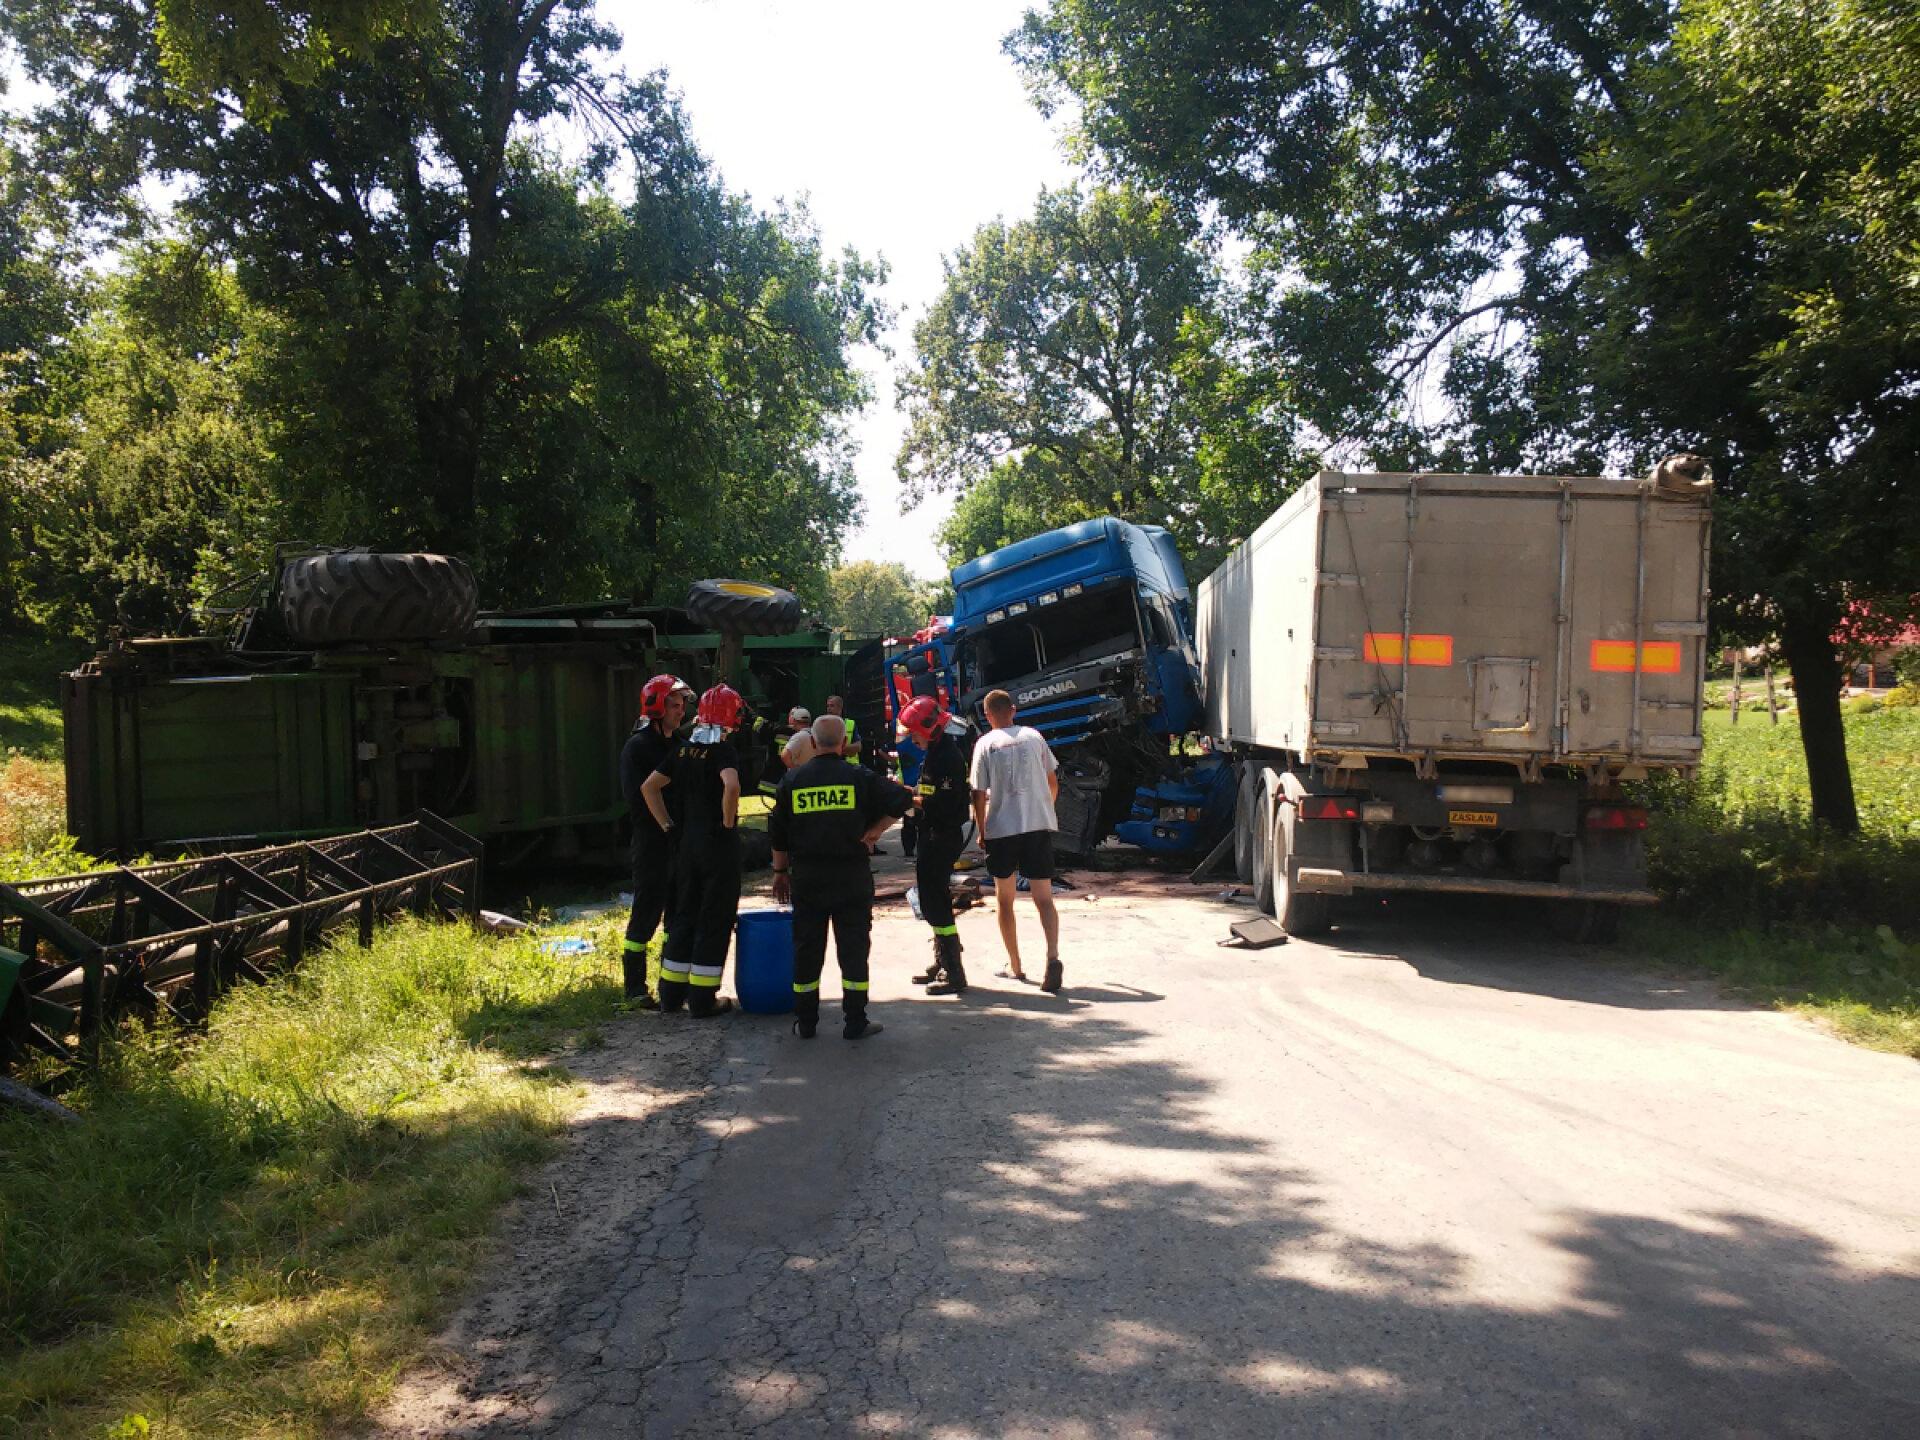 fot. http://kontakt24.tvn24.pl/ciezarowka-uderzyl-w-kombajn-kierowcy-w-szpitalu,237707.html